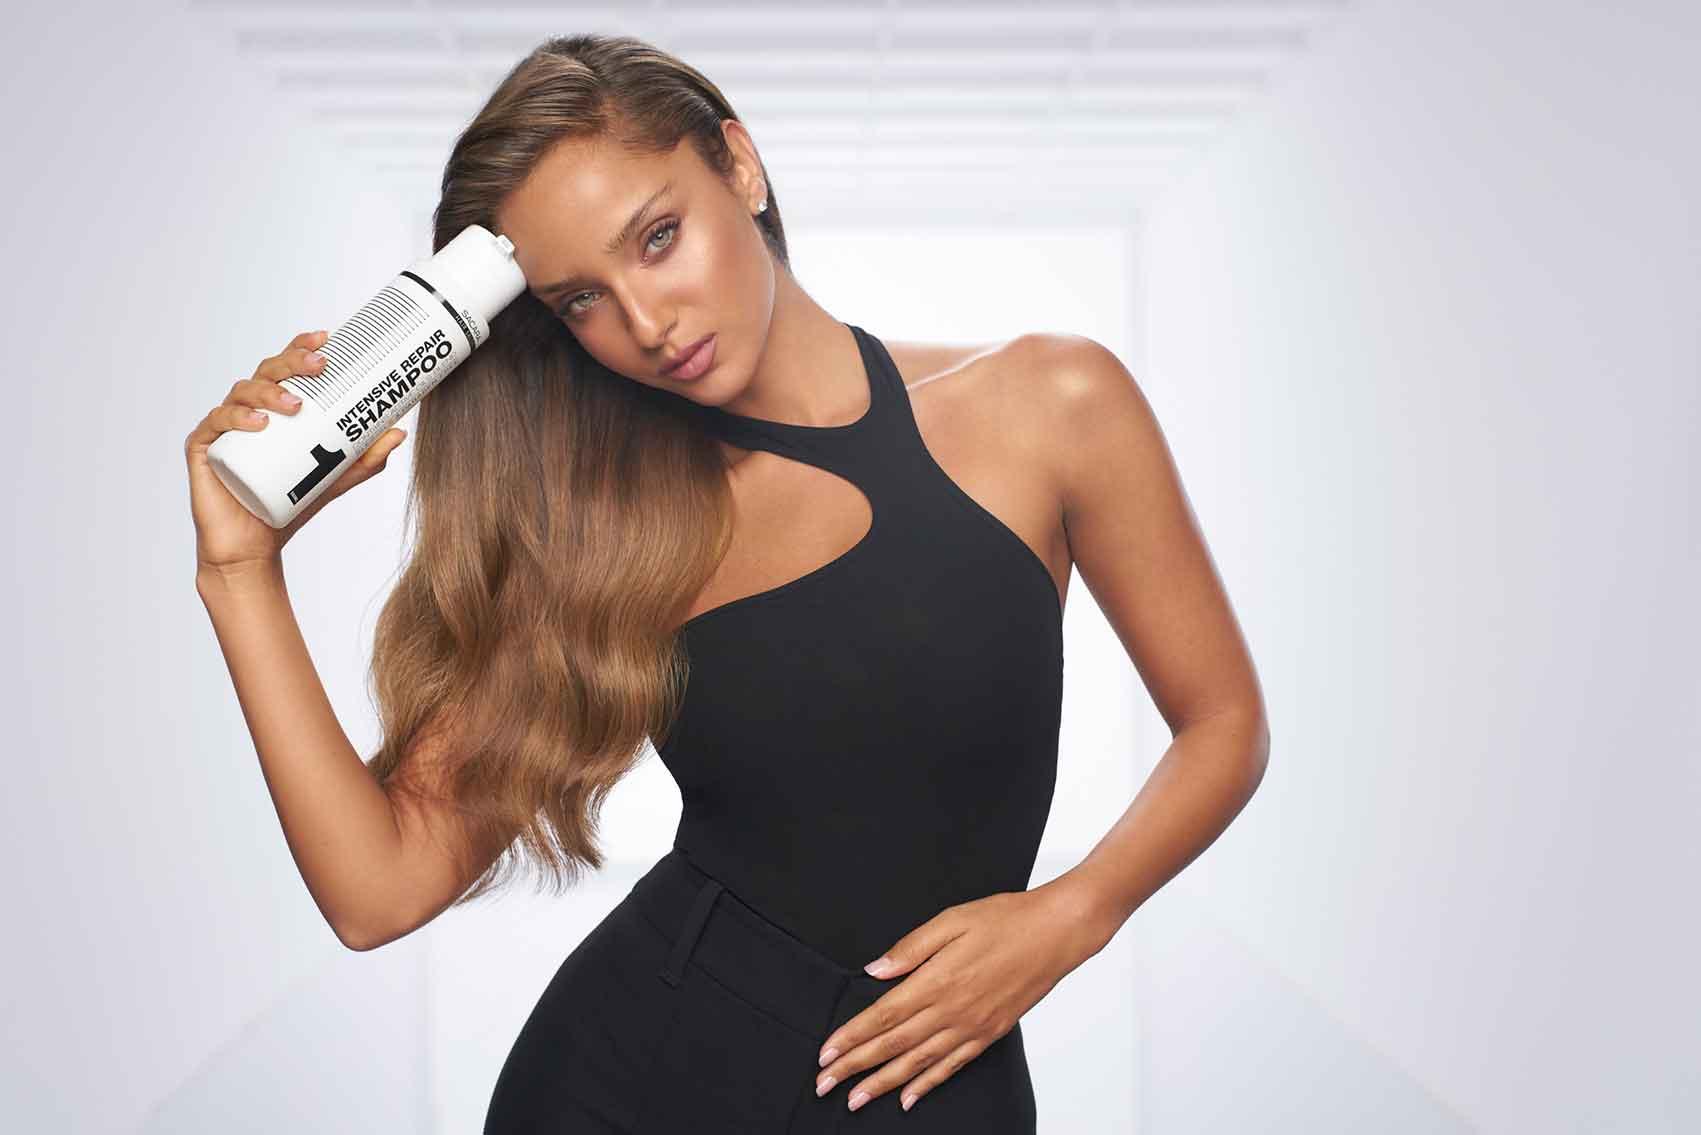 נטע-אלחמיסטר-אופנה-סקארה-ביוטי-איפור-טרנדים-סטייל-אופנת-נשים-מגזין-אופנה